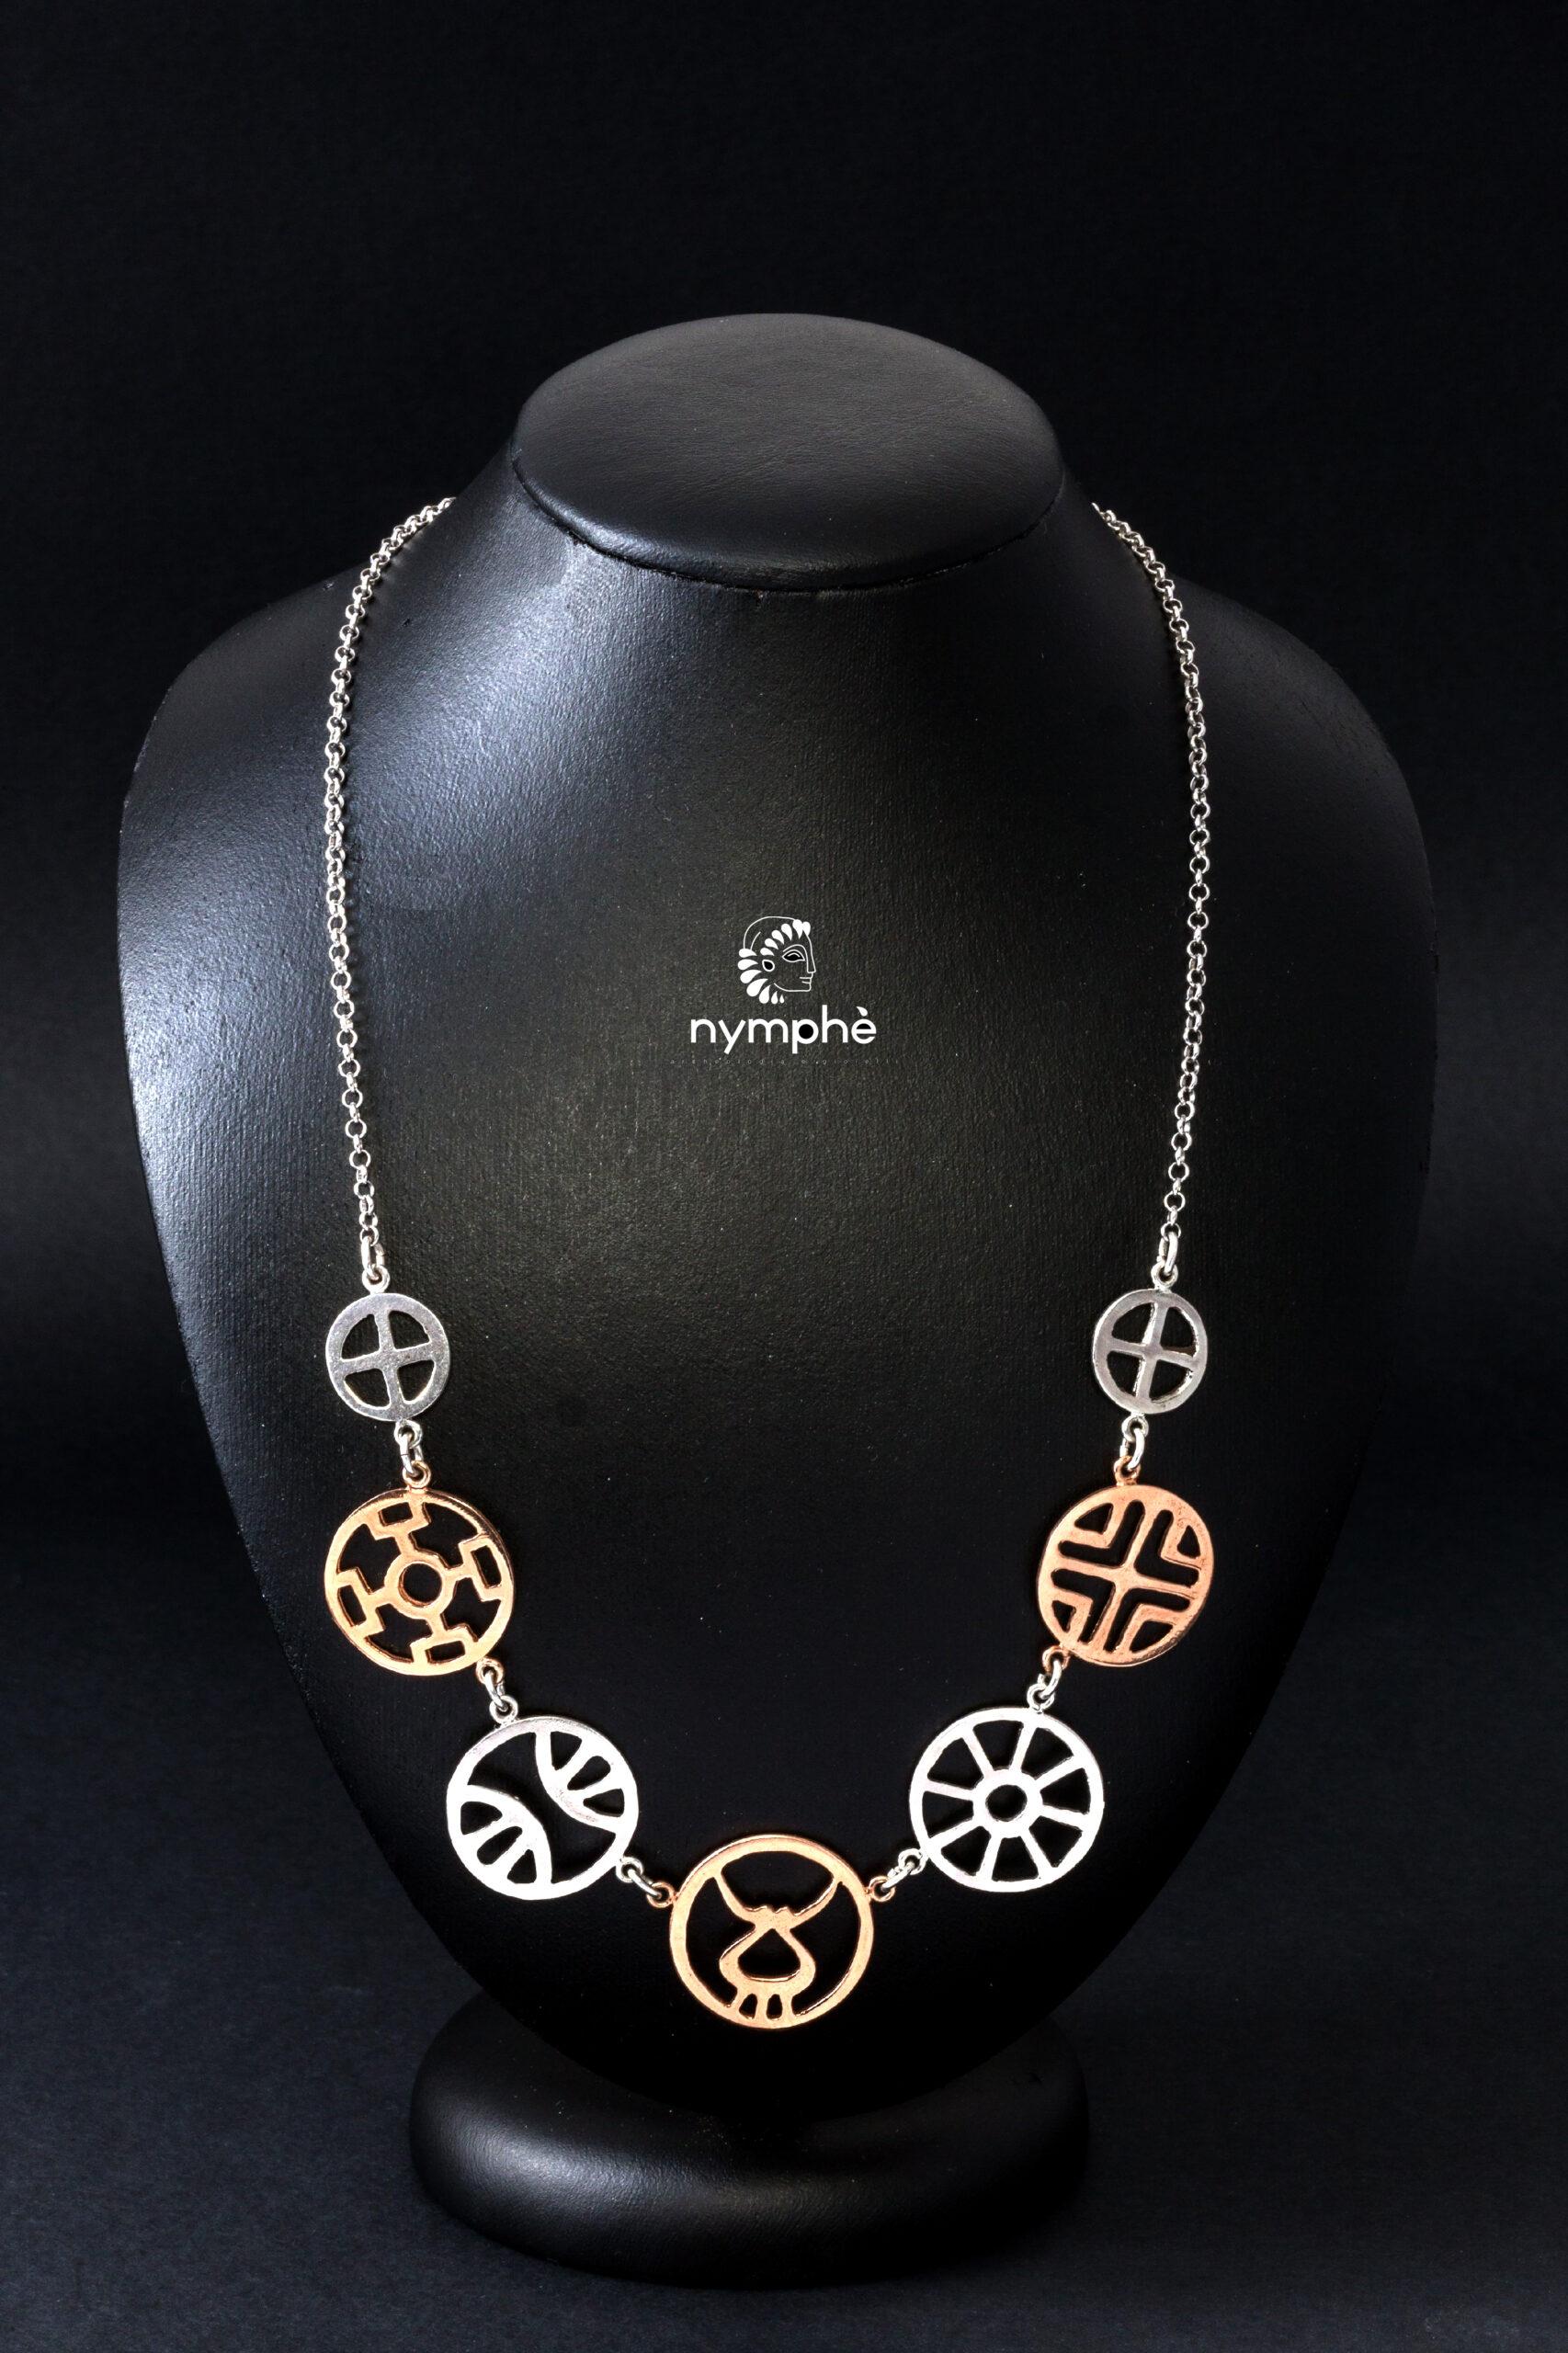 Nymphè, Collana a ruote raggiate in argento bicolore ispirate a reperti dell'età del bronzo. Tecnica della fusione a cera persa